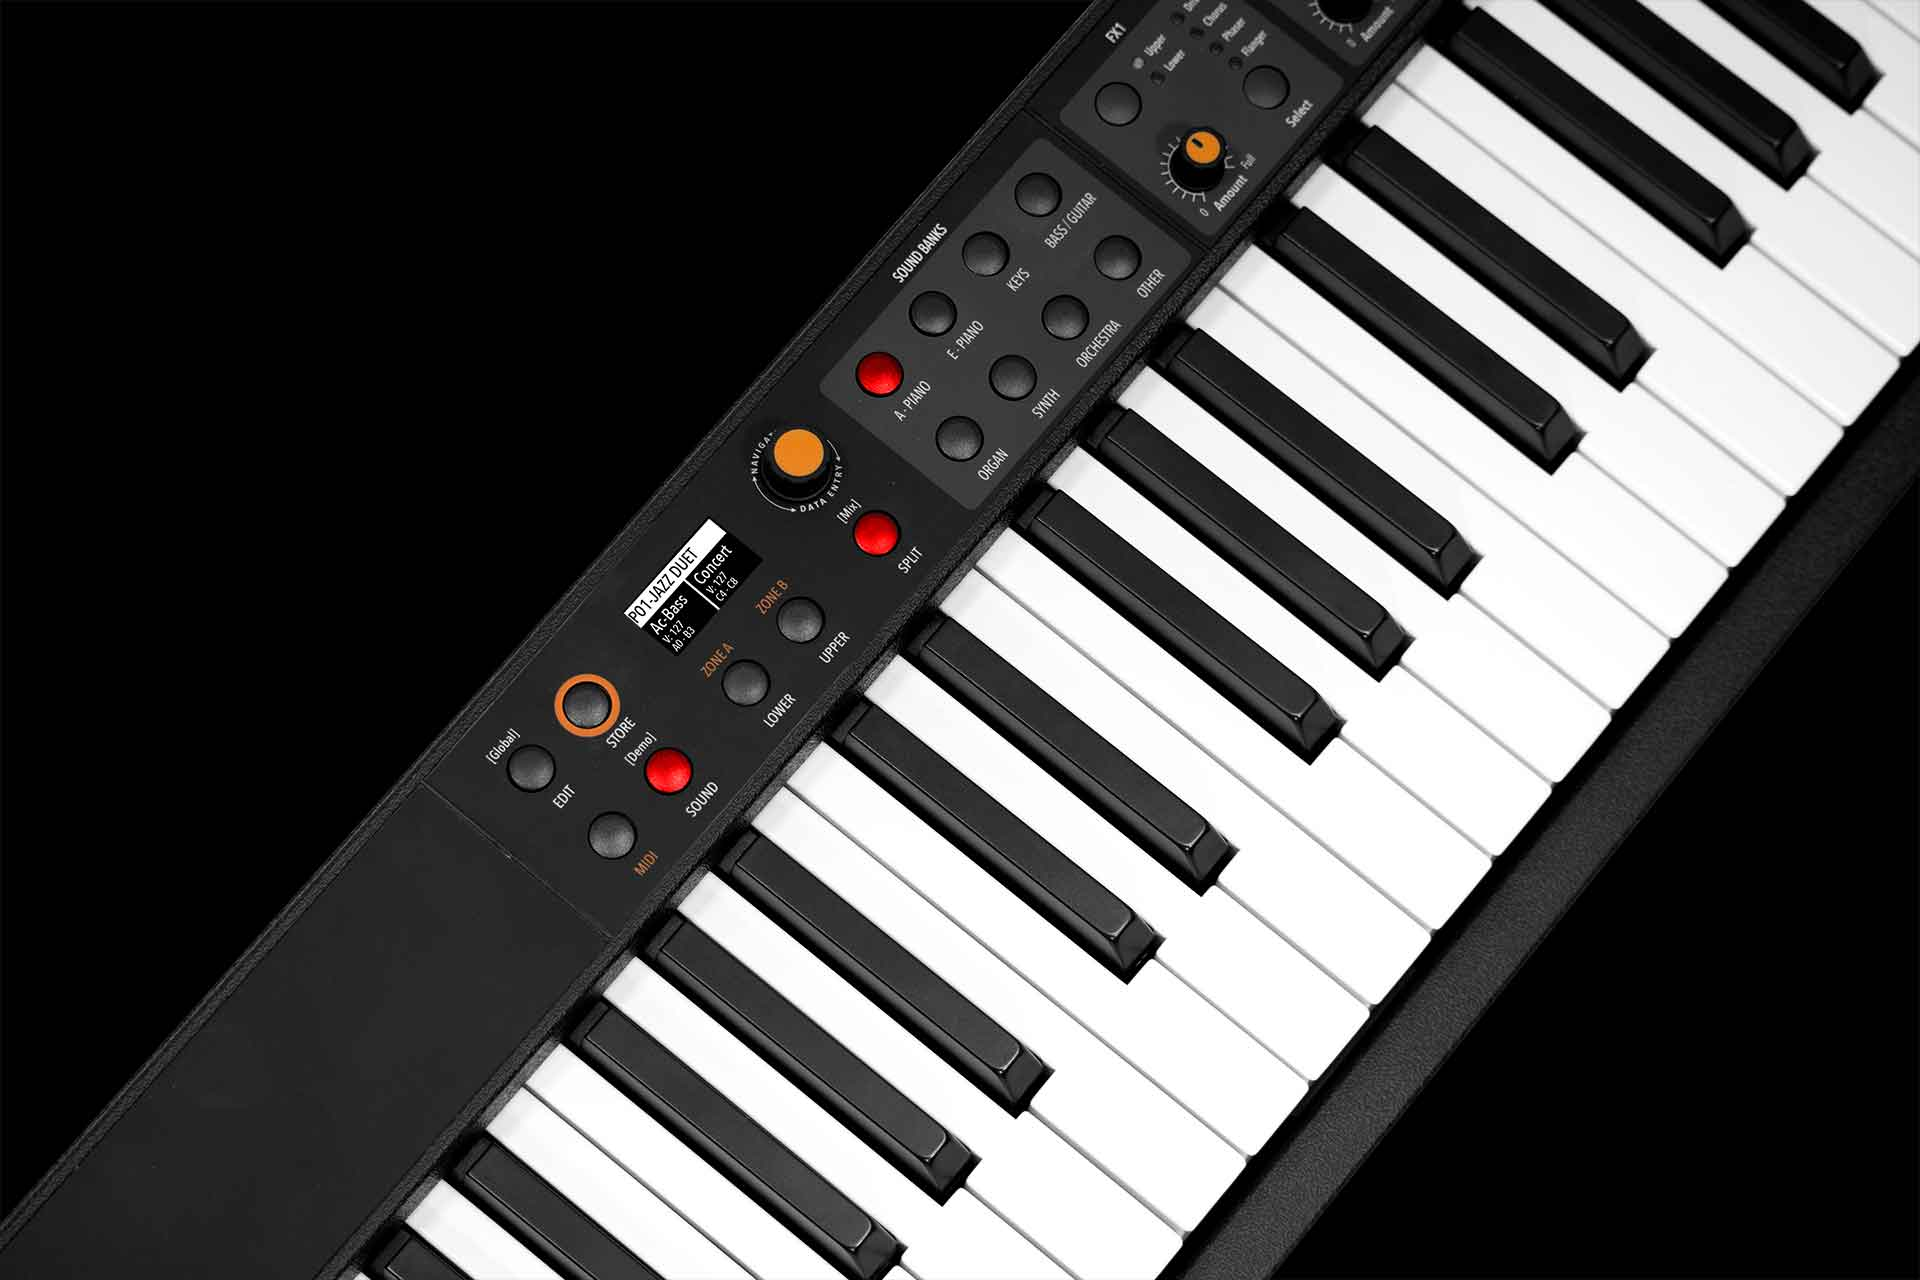 Piano numérique Numa Compact Studiologic, clavier portable 88 touches